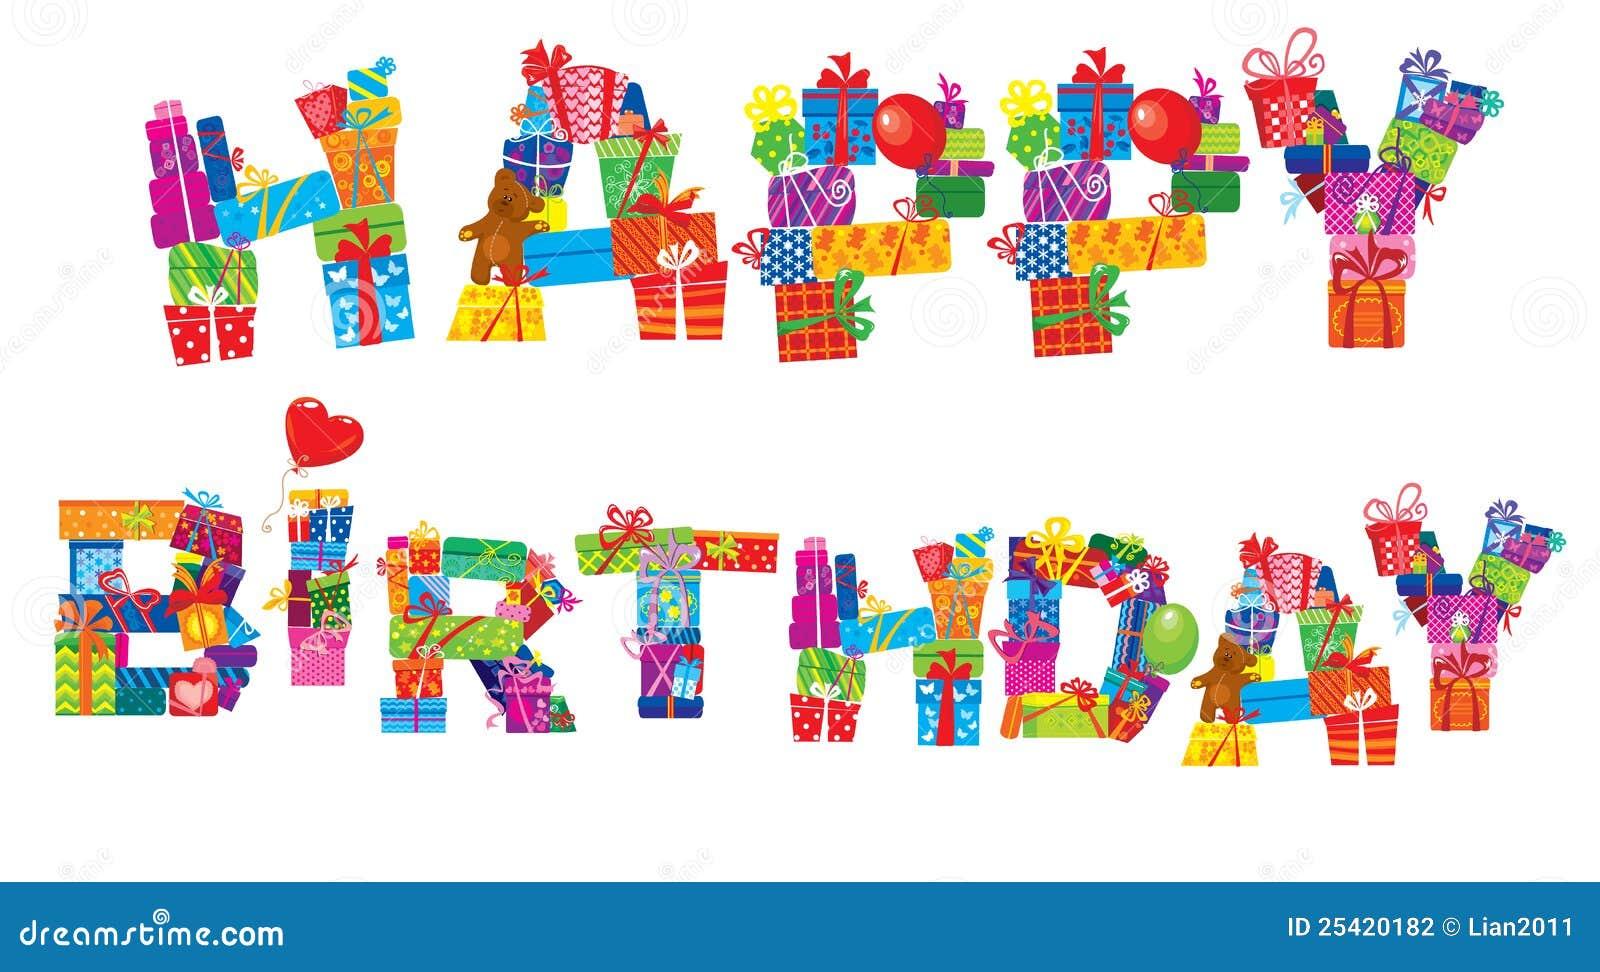 Alles Gute Zum Geburtstag Zeichen Werden Von Den Geschenkkasten